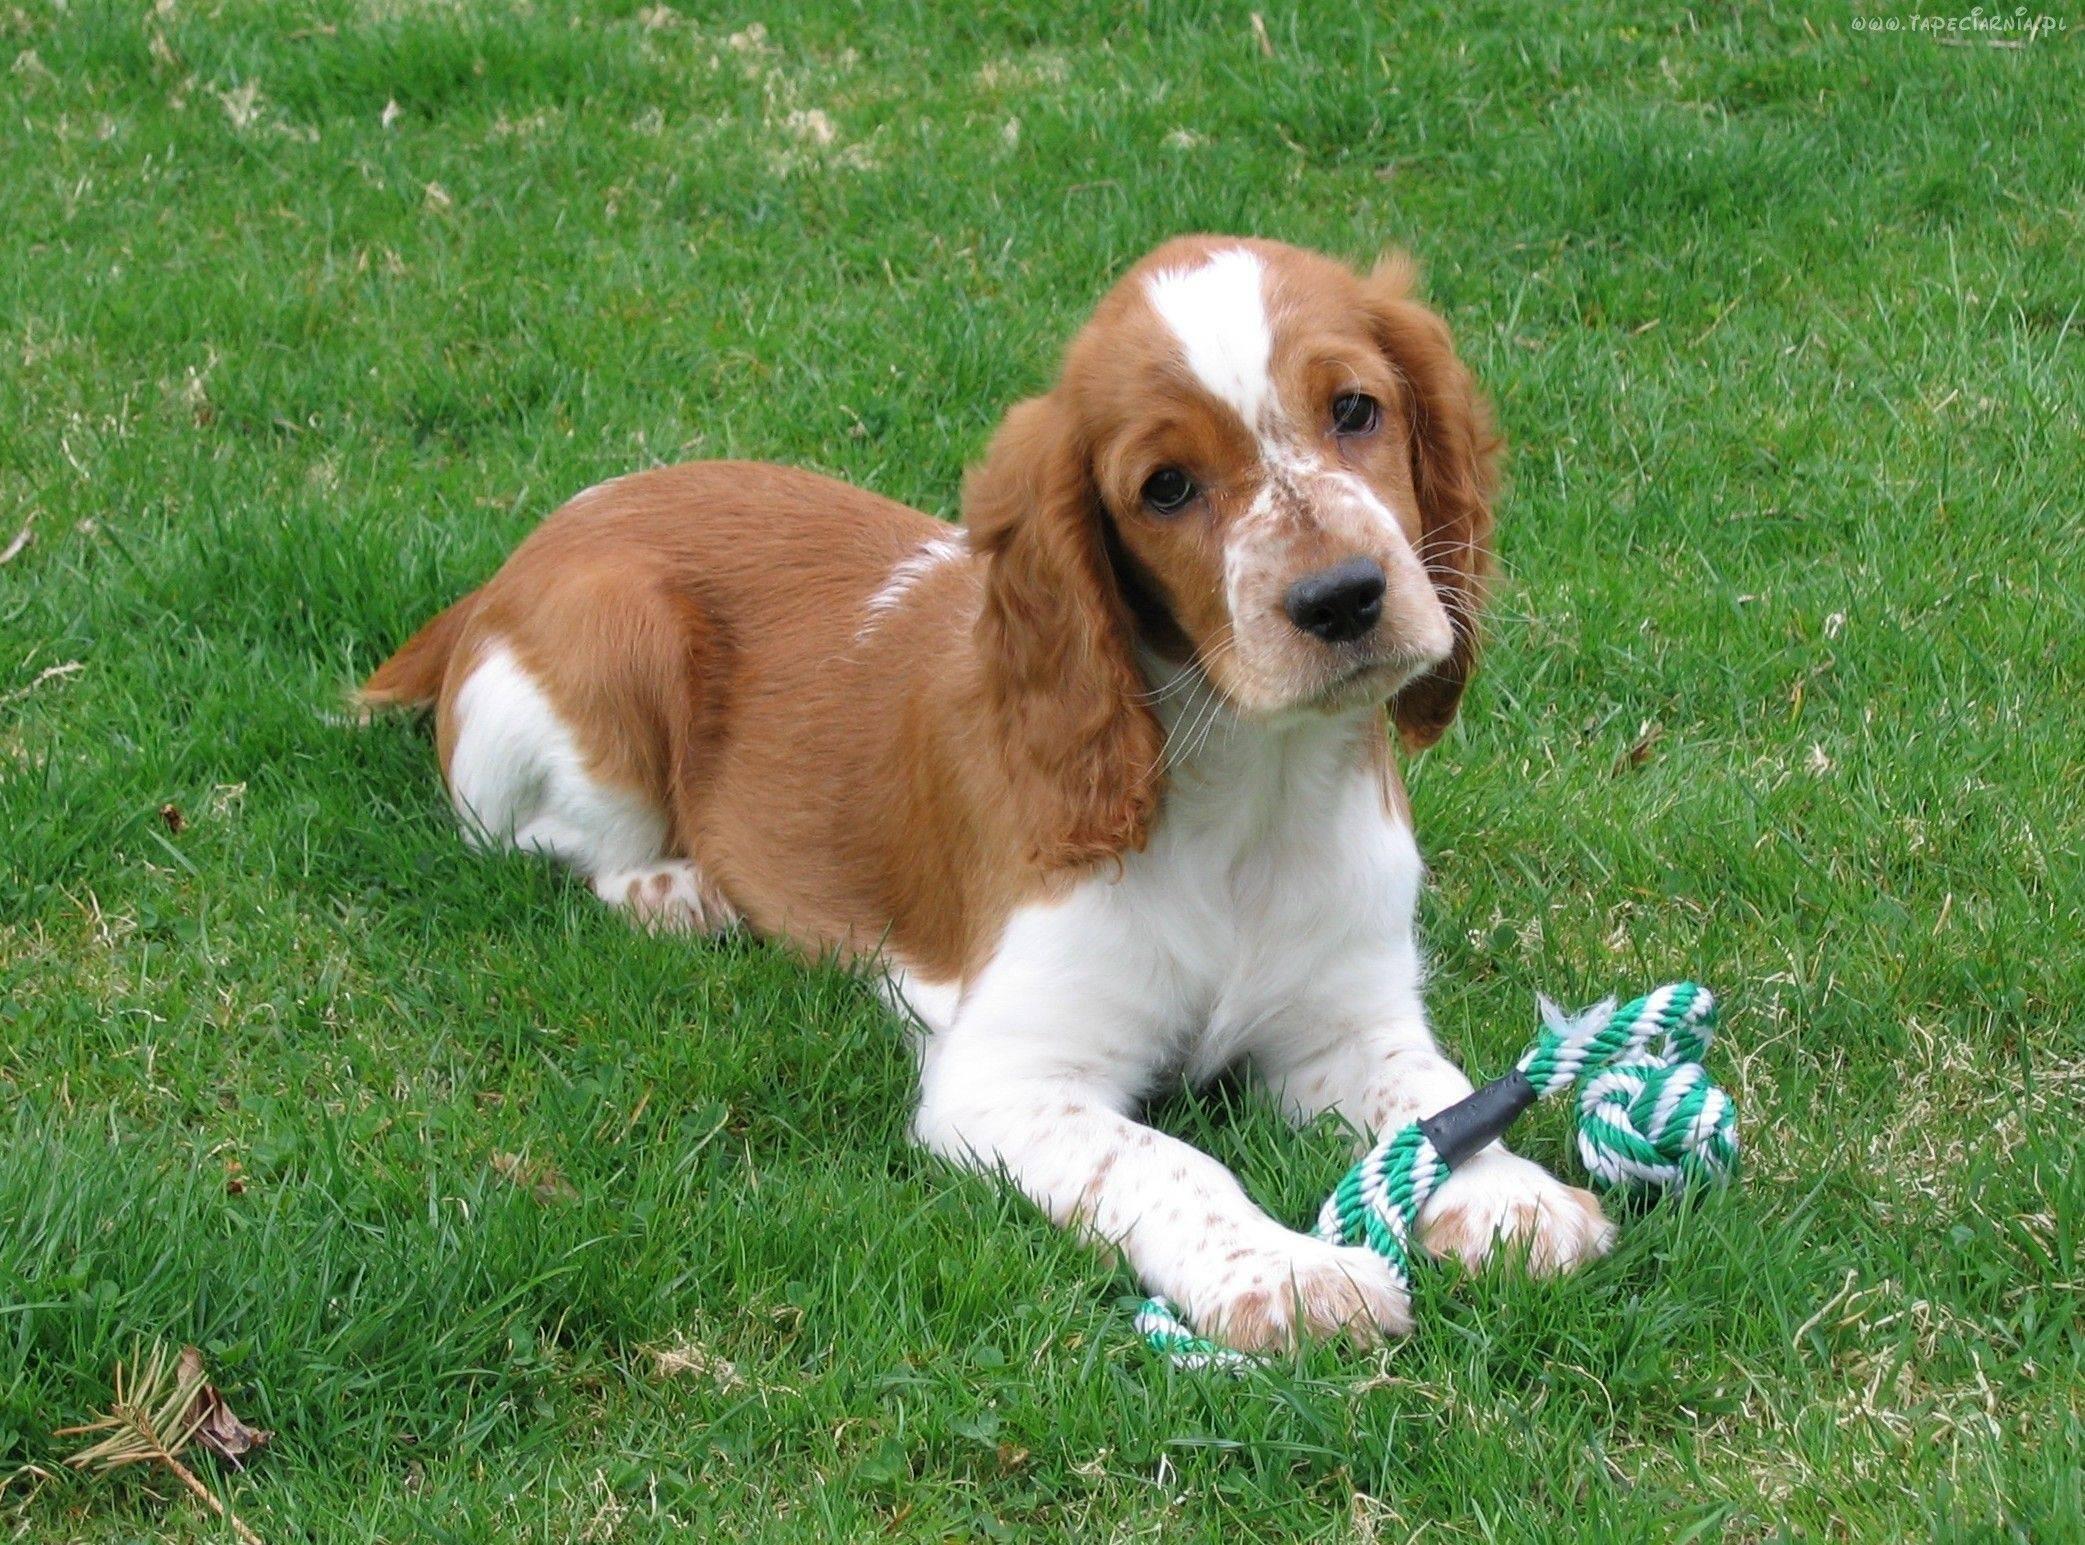 Вельш-спрингер-спаниель: фото собак, история породы, описание экстерьера, особенности характера, правила ухода и выбор щенка